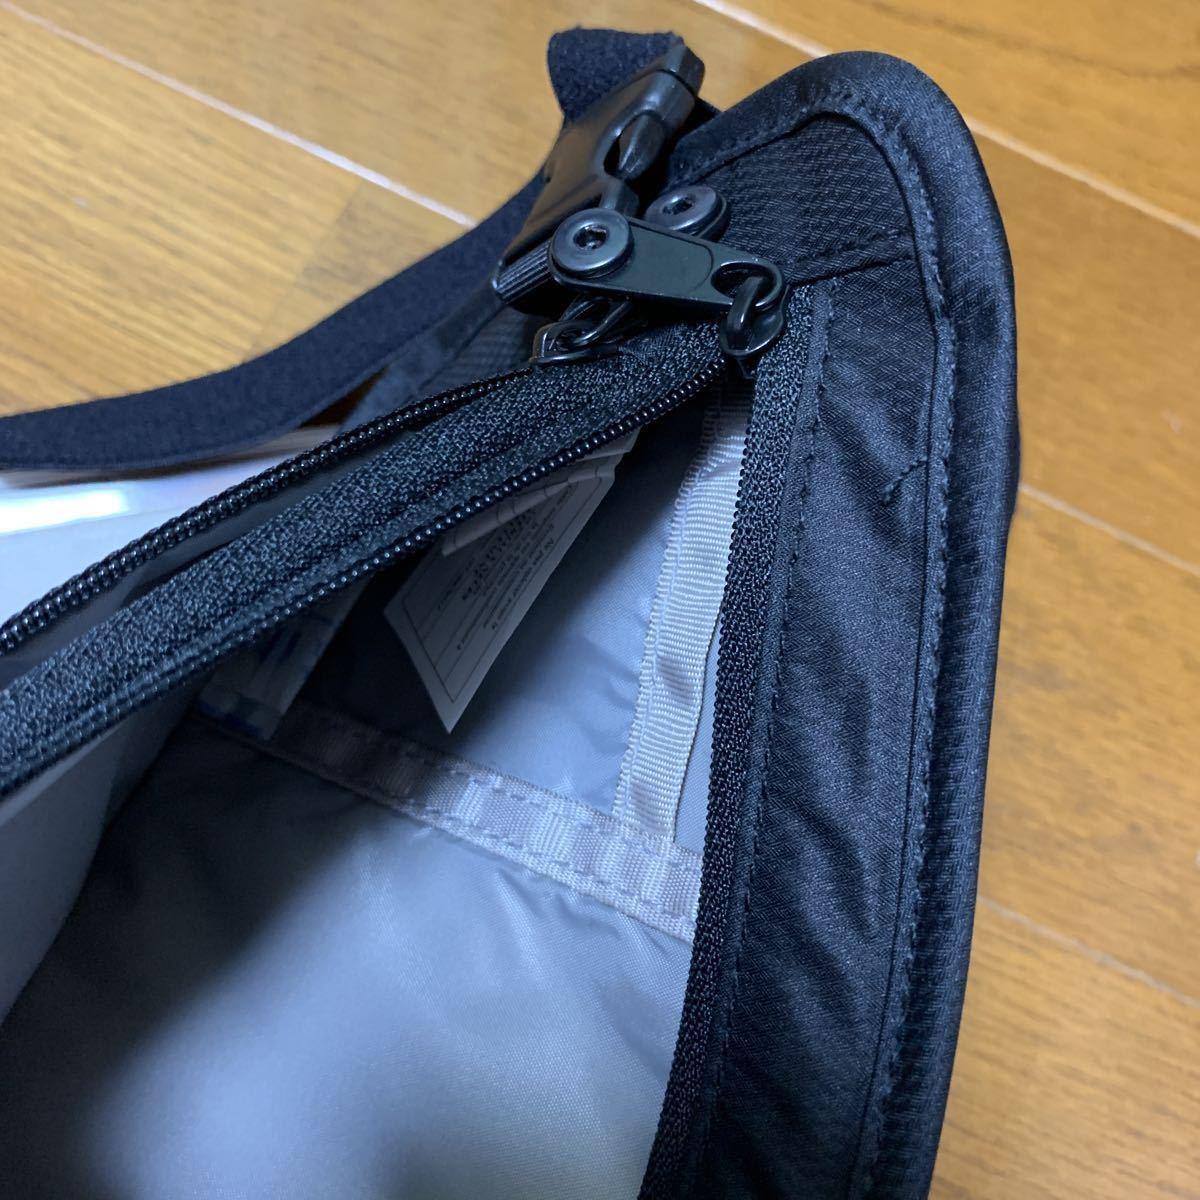 パックセーフ セキュリティポーチ シークレットベルト 旅行用品 防犯用品_画像5